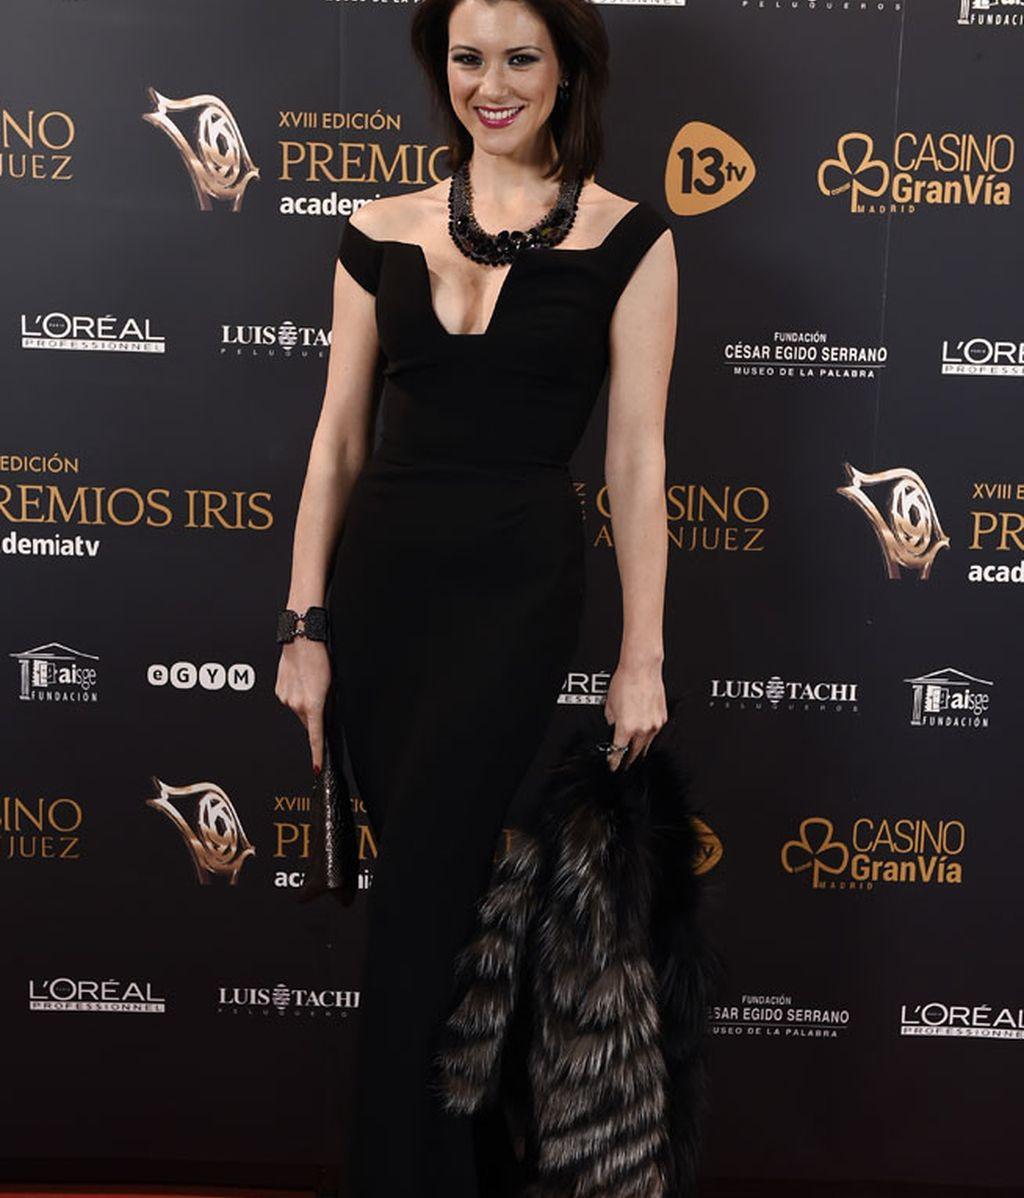 El elegante 'total black' de María Jesús Ruiz, diseño de Hannibal Laguna